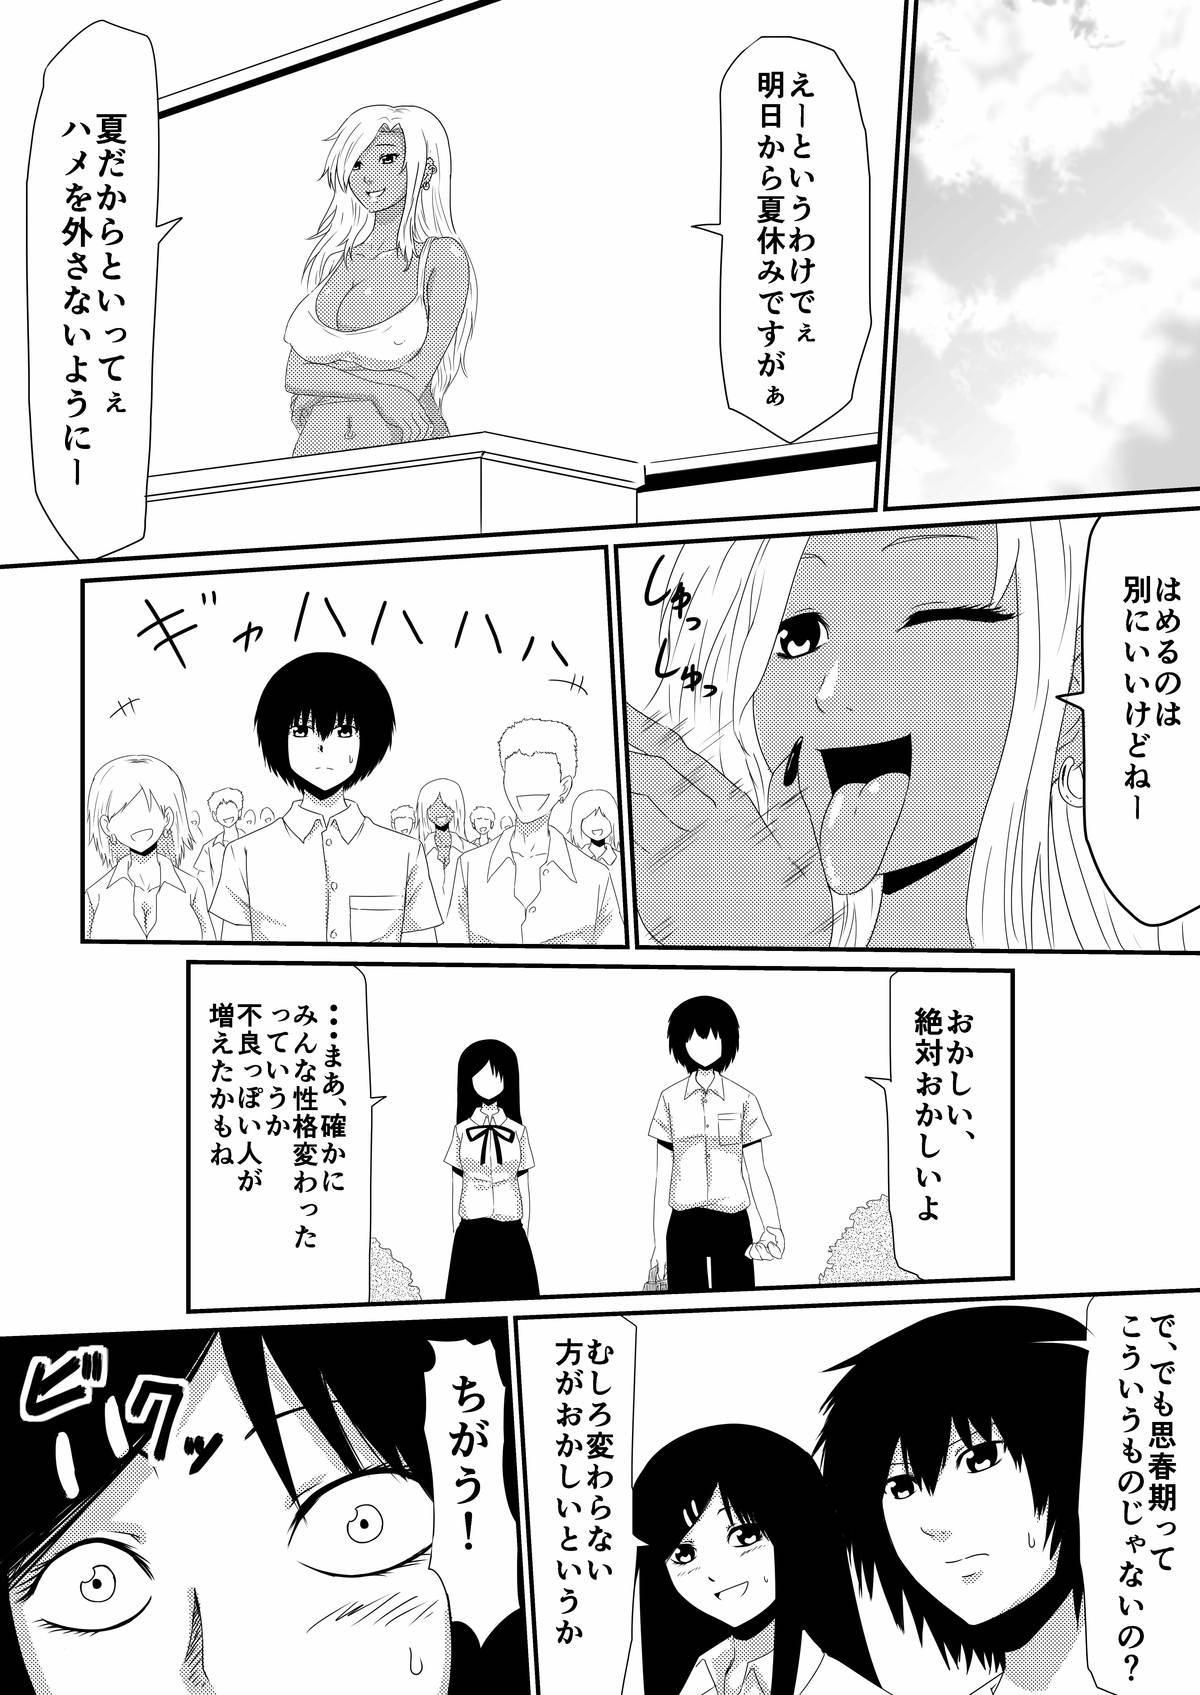 [Mikezoutei] Mashou no Chinko o Motsu Shounen ~Kare no Dankon wa Josei o Mesu e to Kaeru~ Zenpen 69